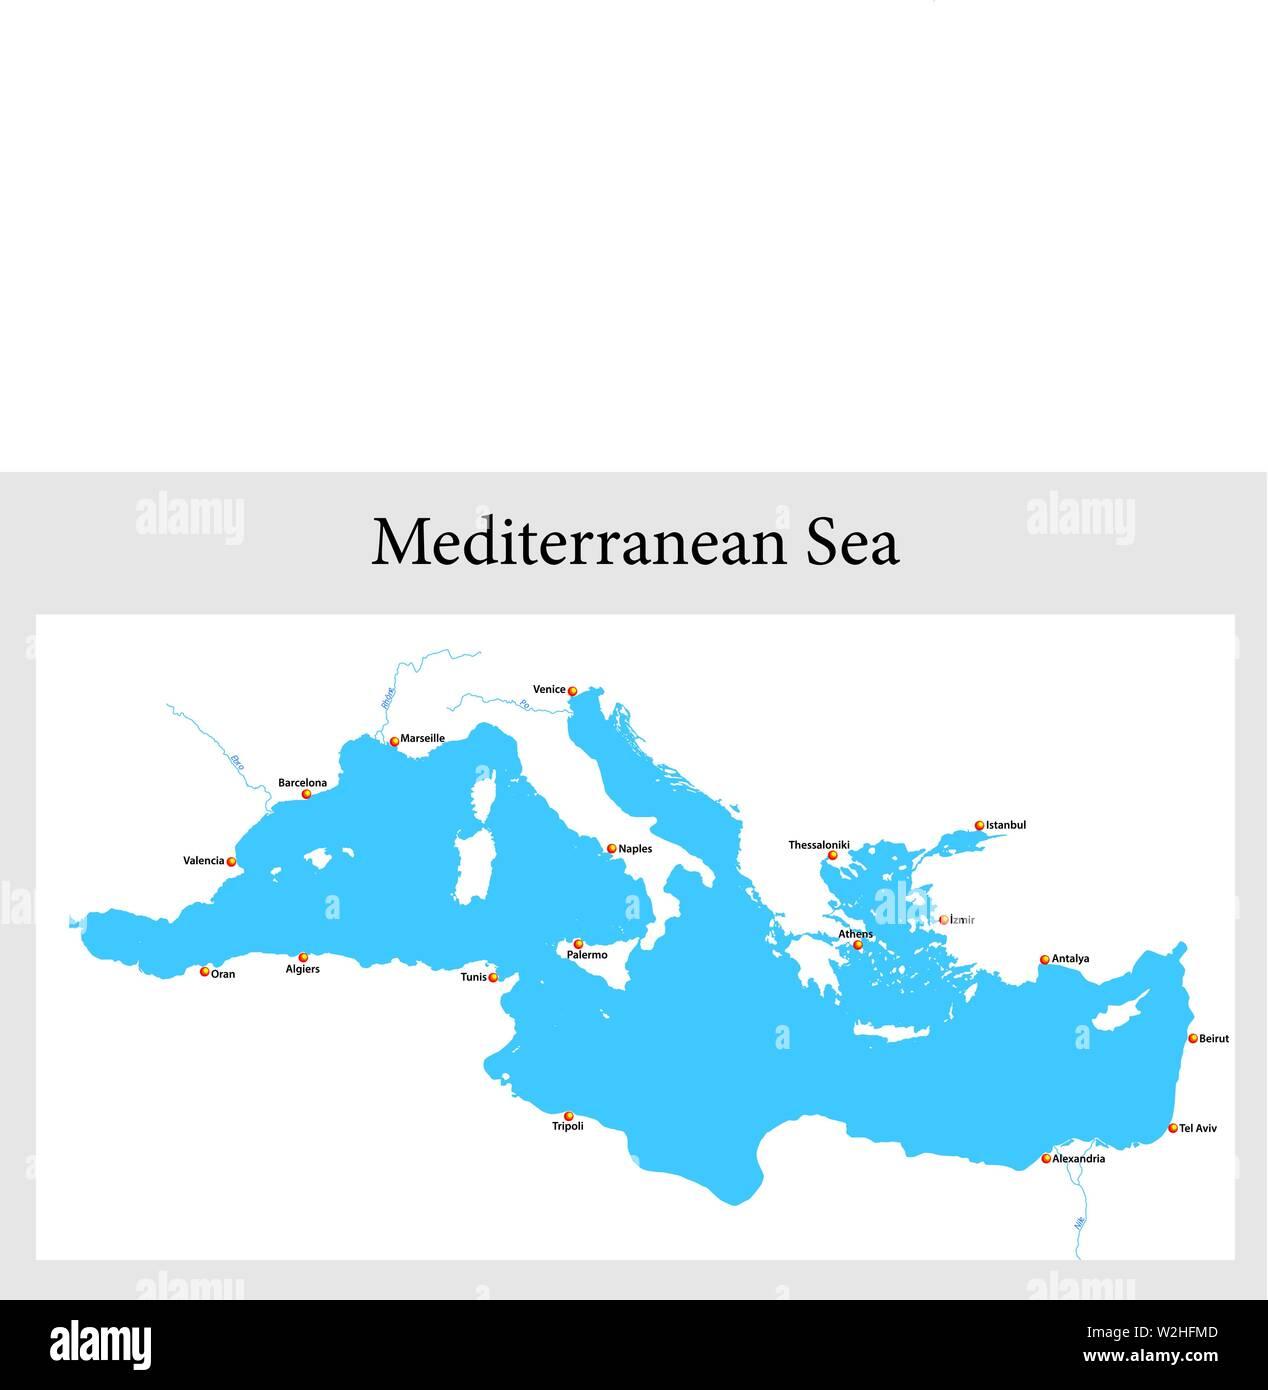 Mare Mediterraneo Cartina.Mappa Del Mediterraneo Immagini E Fotos Stock Alamy